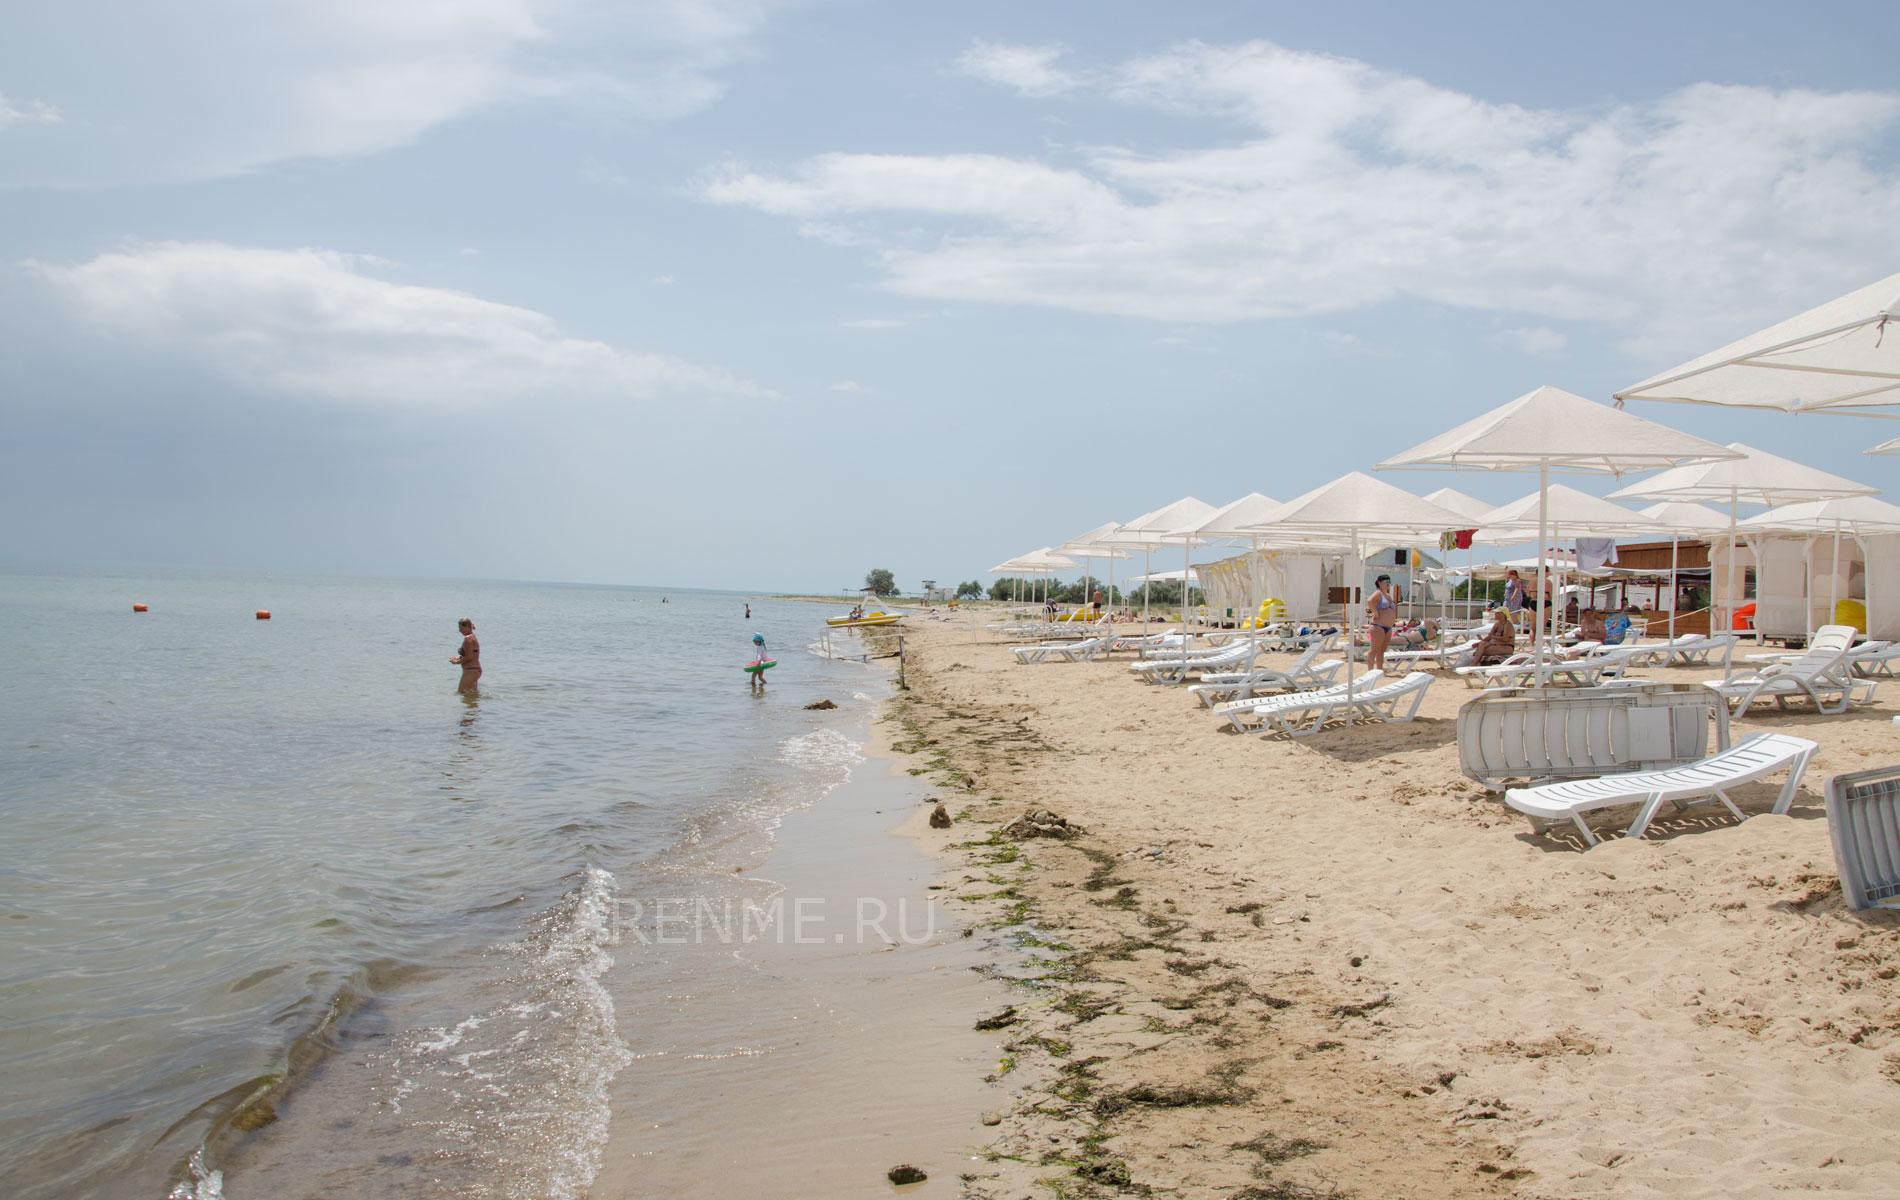 Море и пляж в Заозёрном. Фото Заозёрного